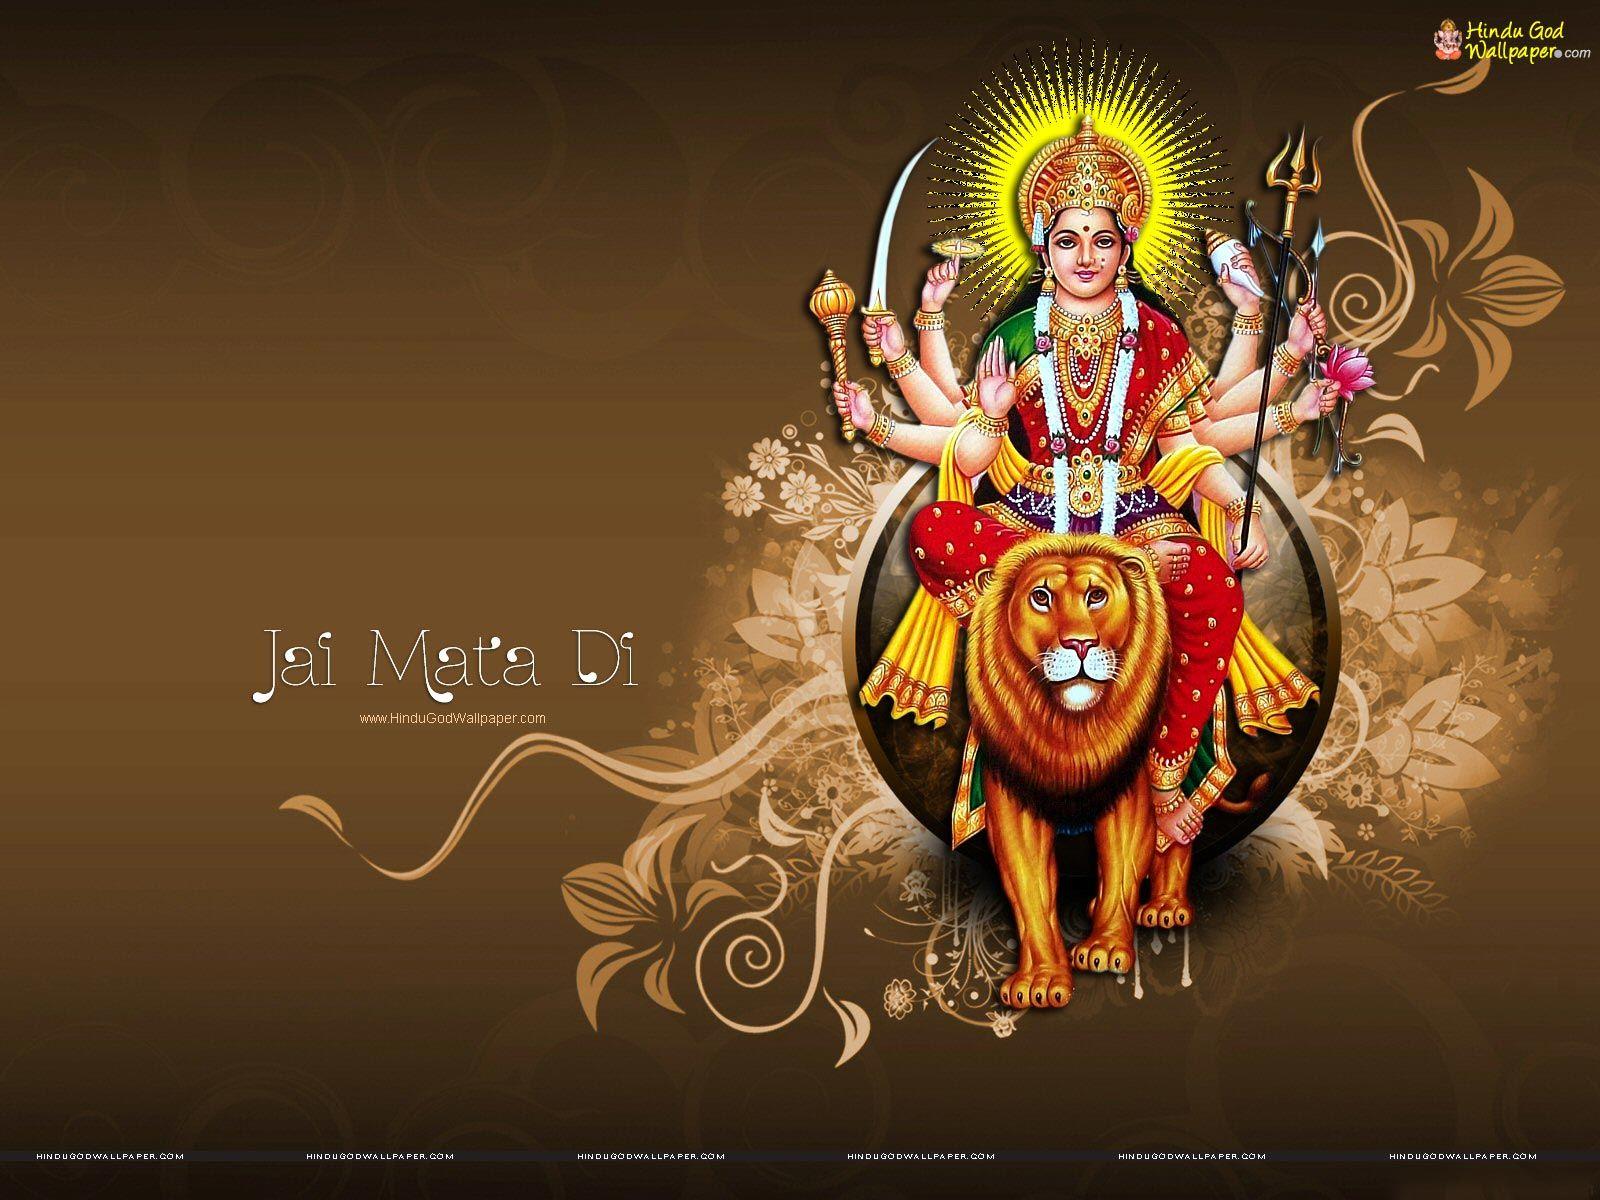 Jai Mata Di HD Wallpapers Download